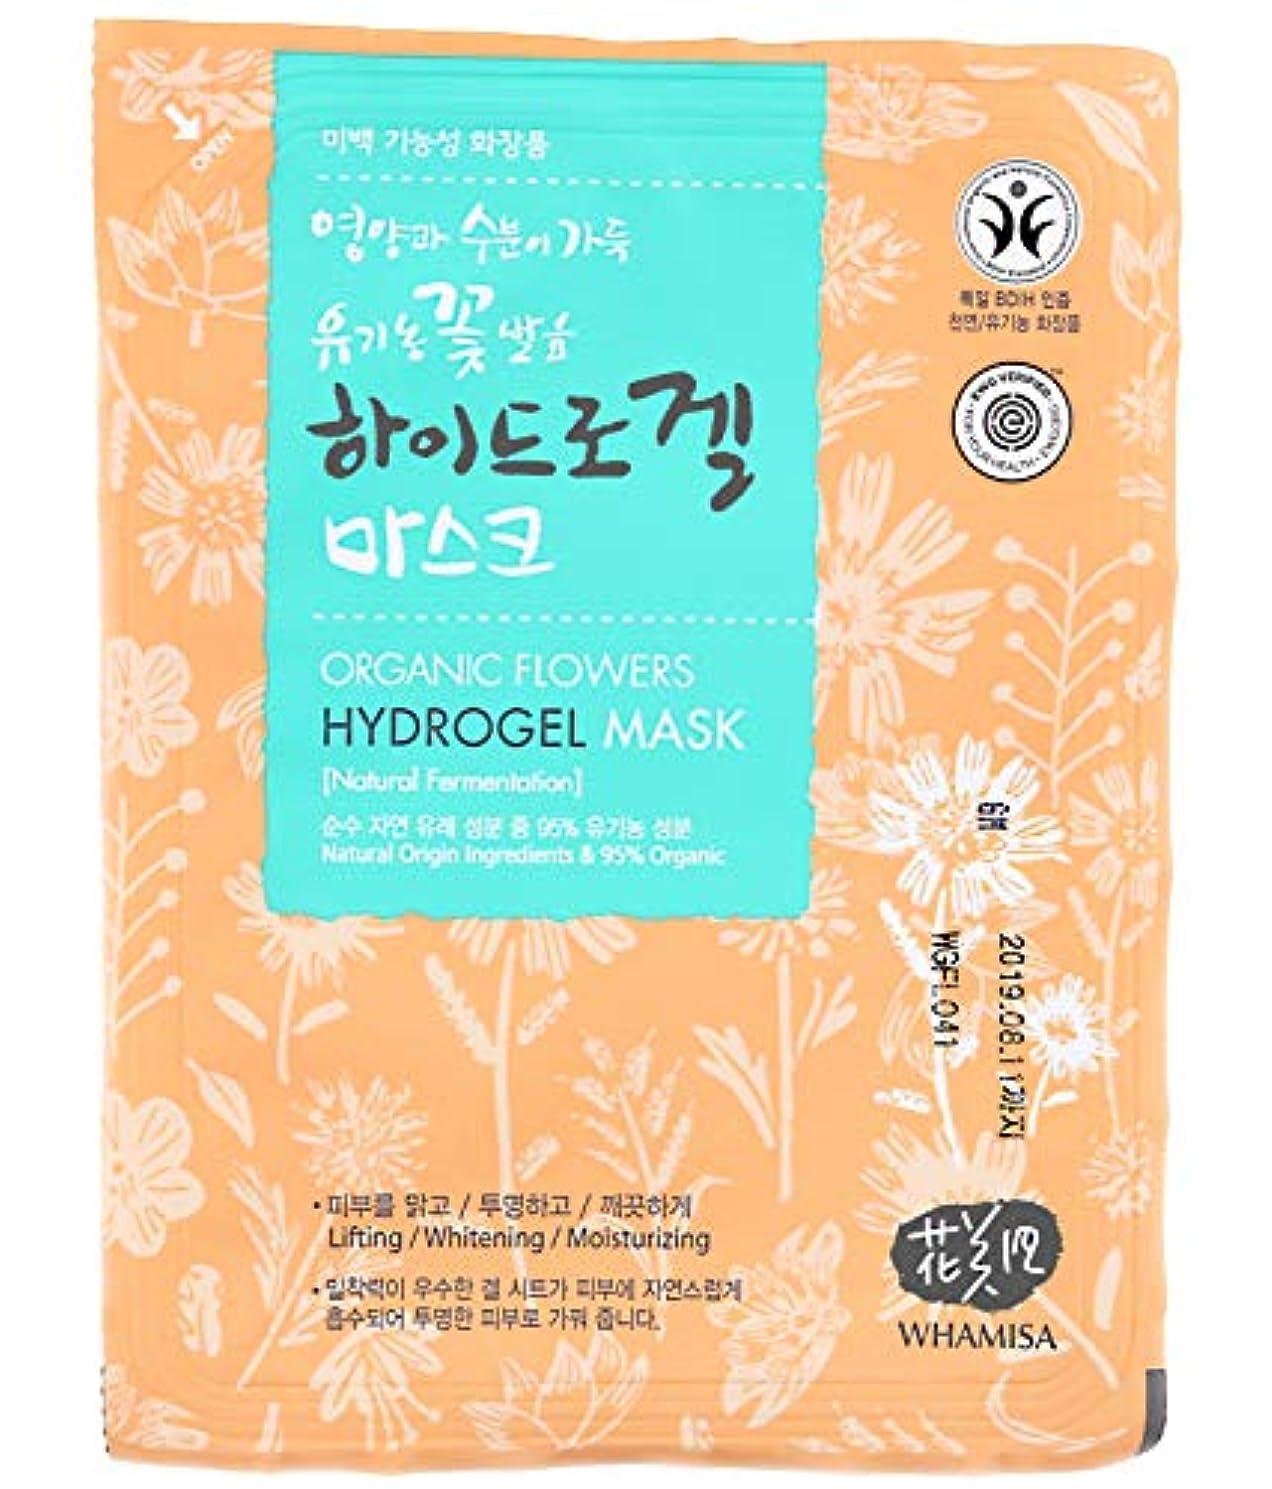 悪性のの頭の上ゴシップWhamisa あなたの健康のためにオーガニックフェイシャルマスク33グラム×1(花&アロエ発酵ヒドロゲル)/ EWG確認済み(TM)